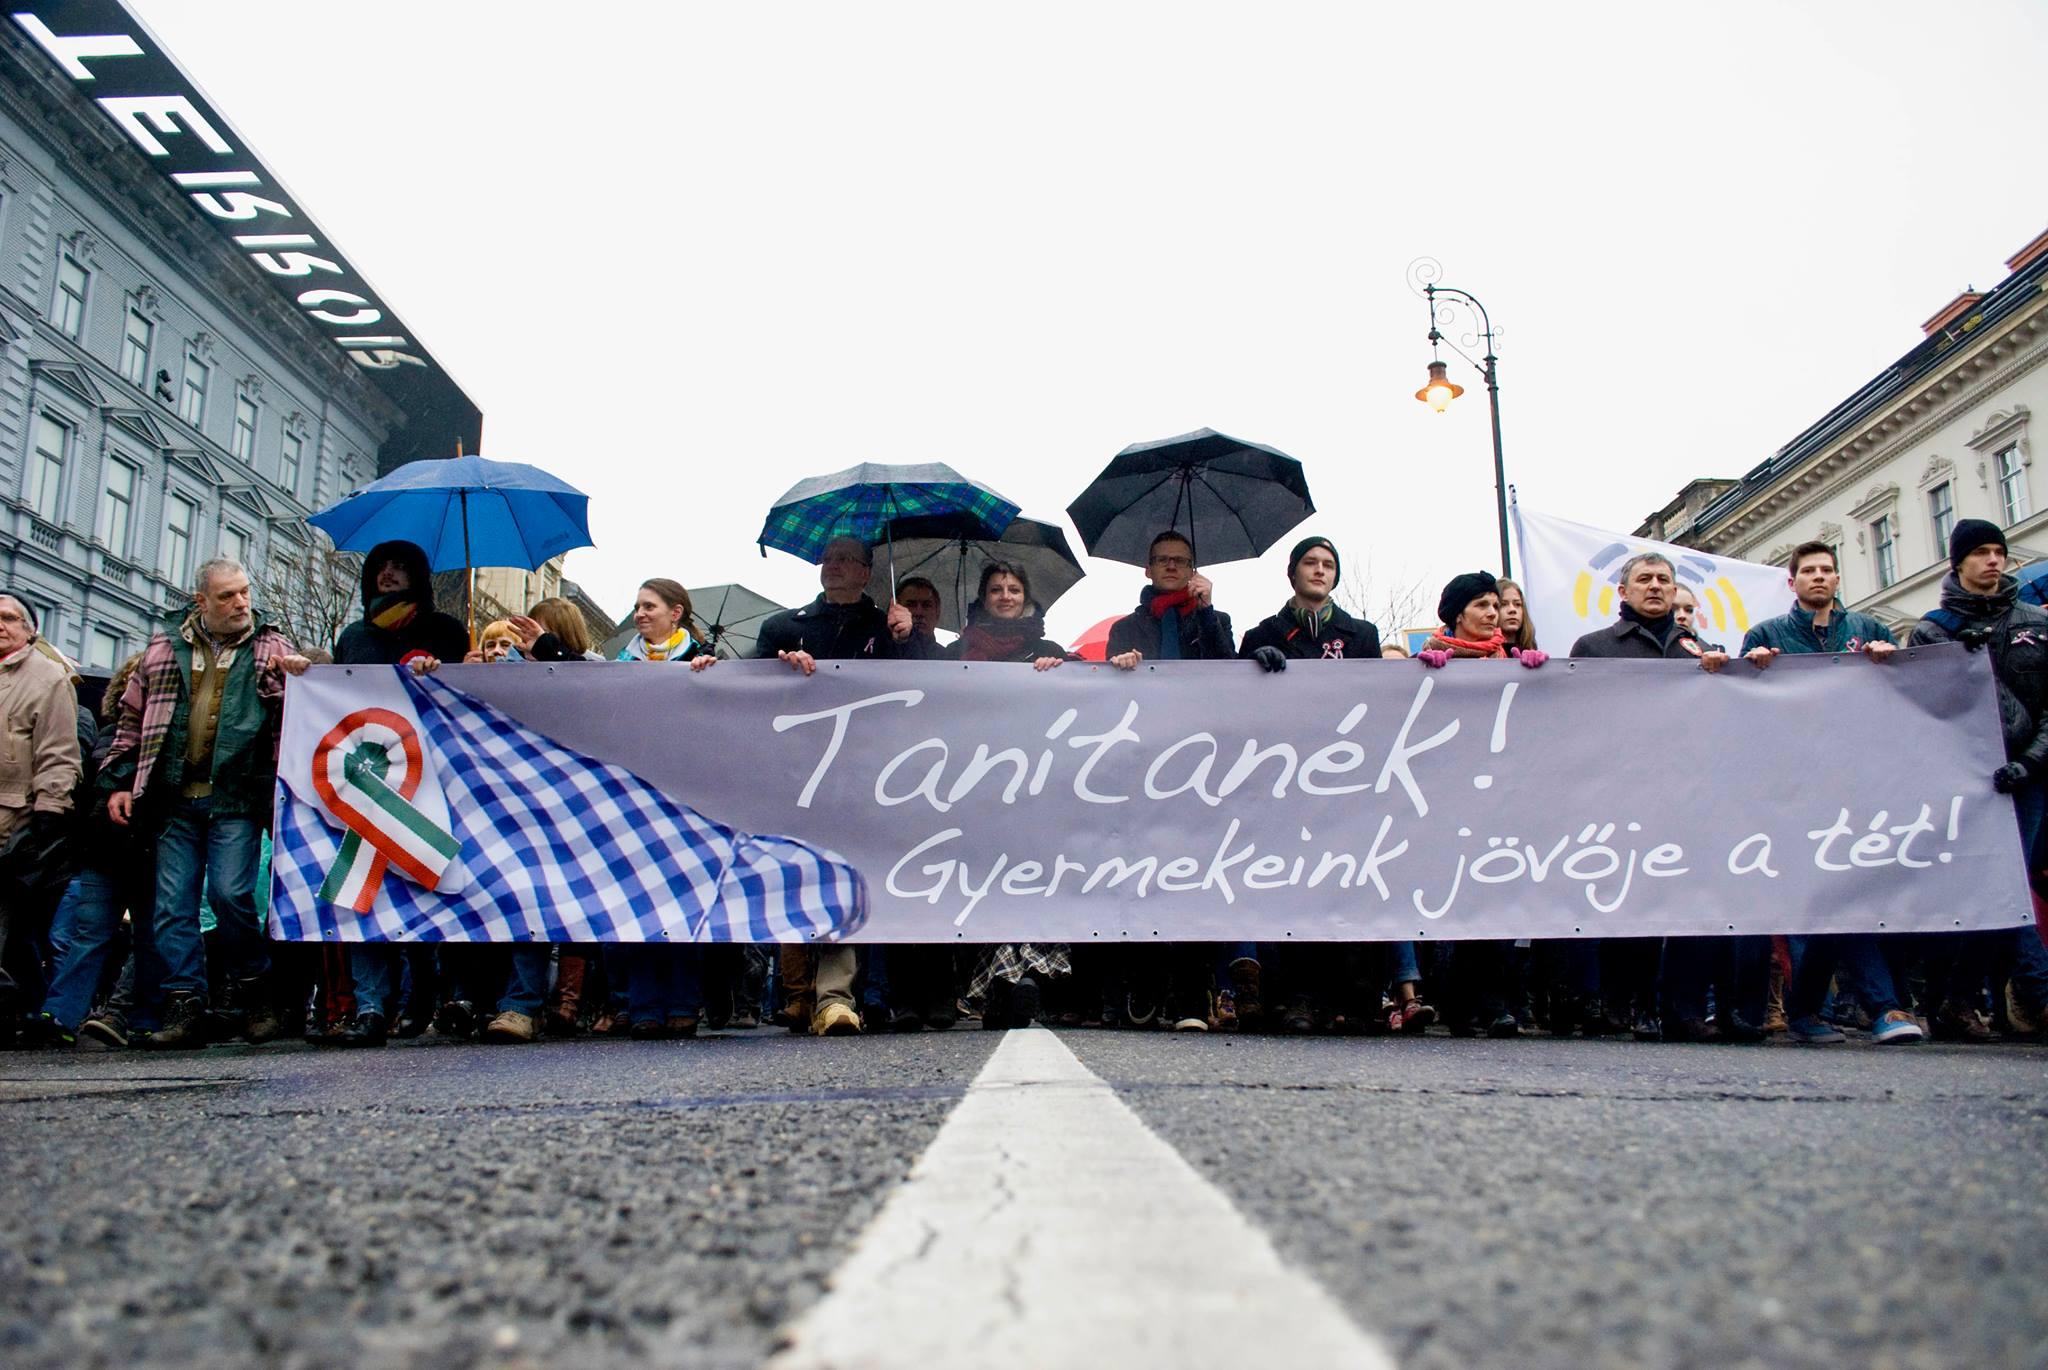 tanitanek-tuntetes-marc-15-csoszo-gabi.jpg